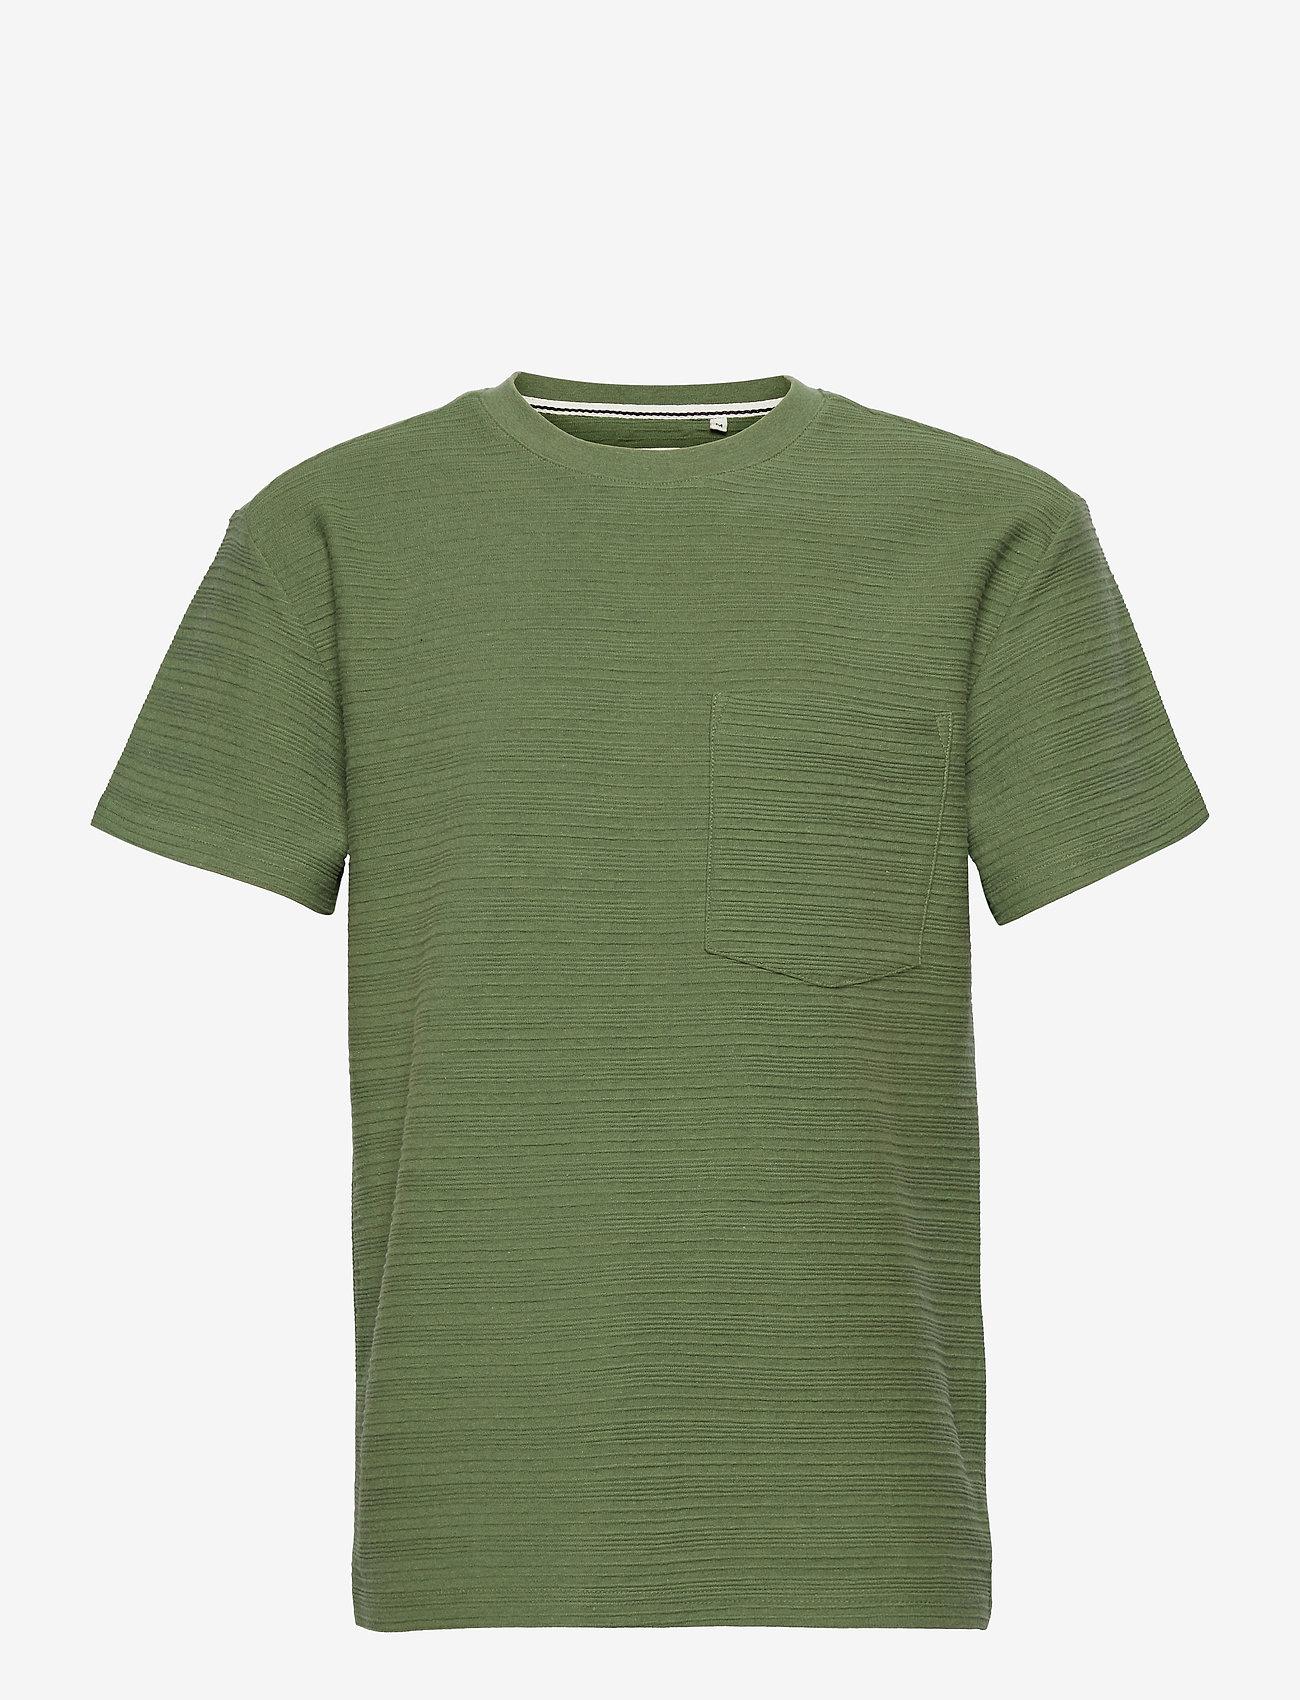 Anerkjendt - AKKIKKI STRUC STRIPE - t-shirts basiques - vineyard green - 0